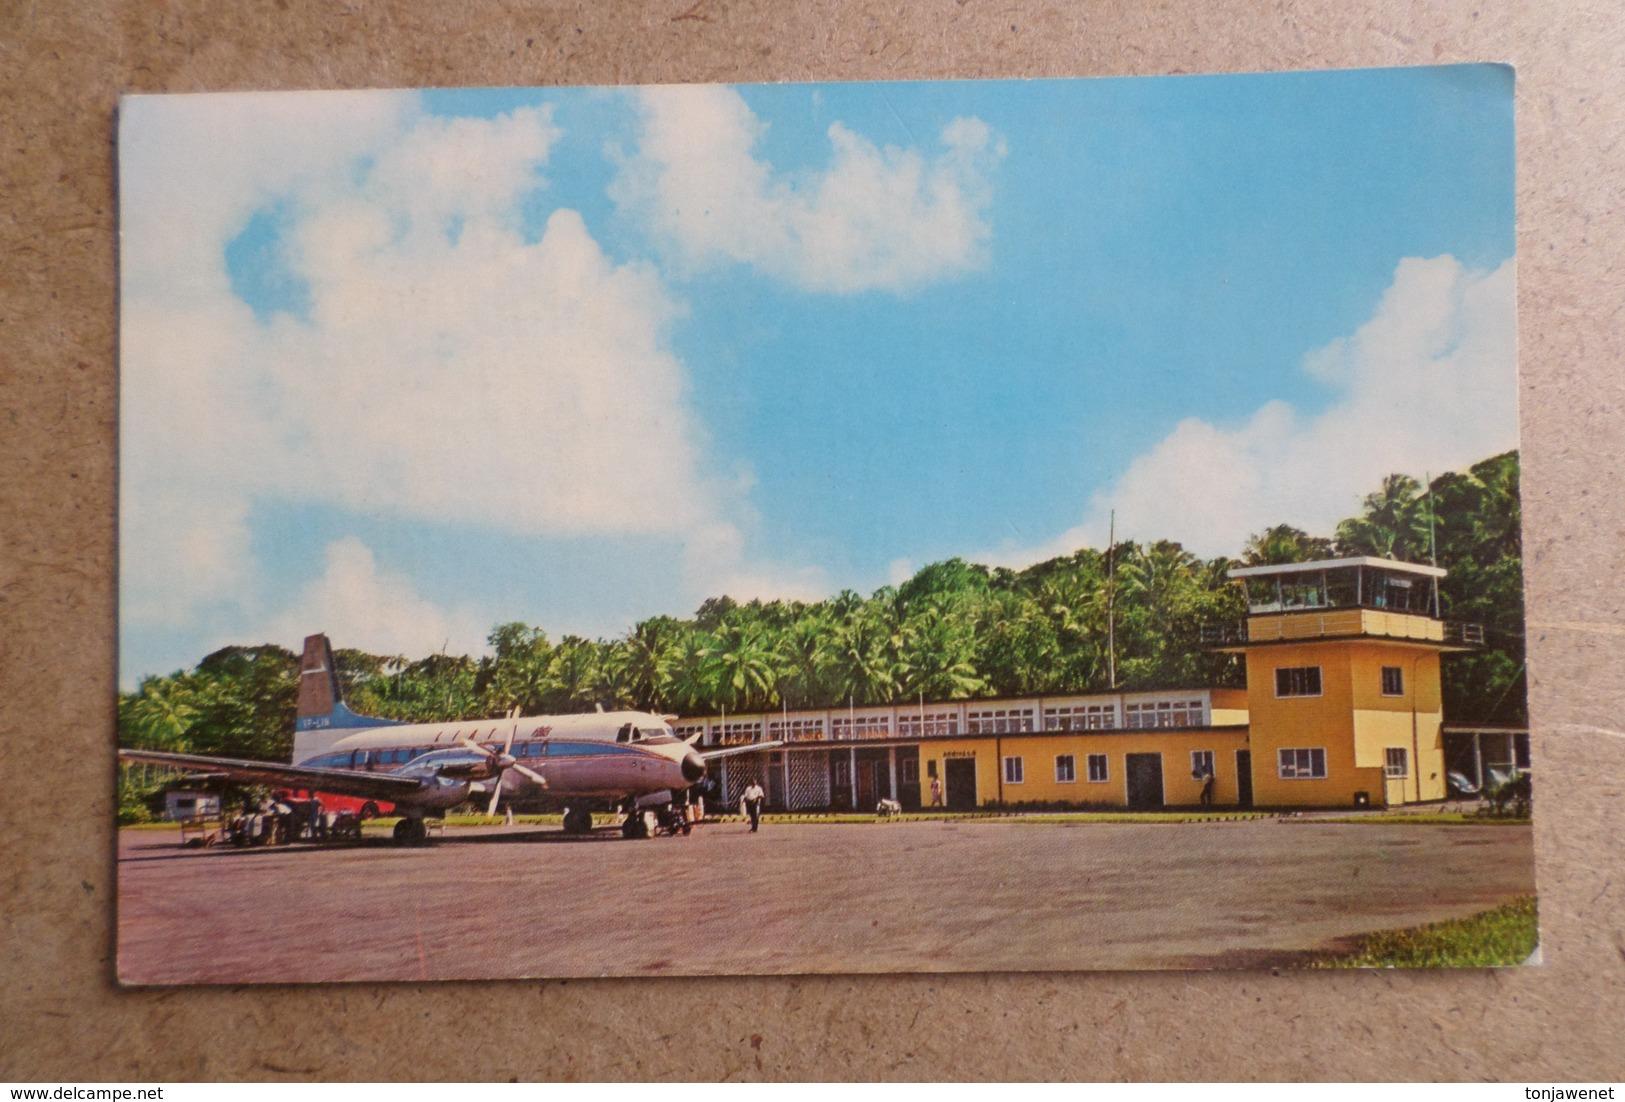 MELVILLE AIRPORT - Dominica - La Dominique, Antilles - ( Avions Aviation ) - Aérodromes